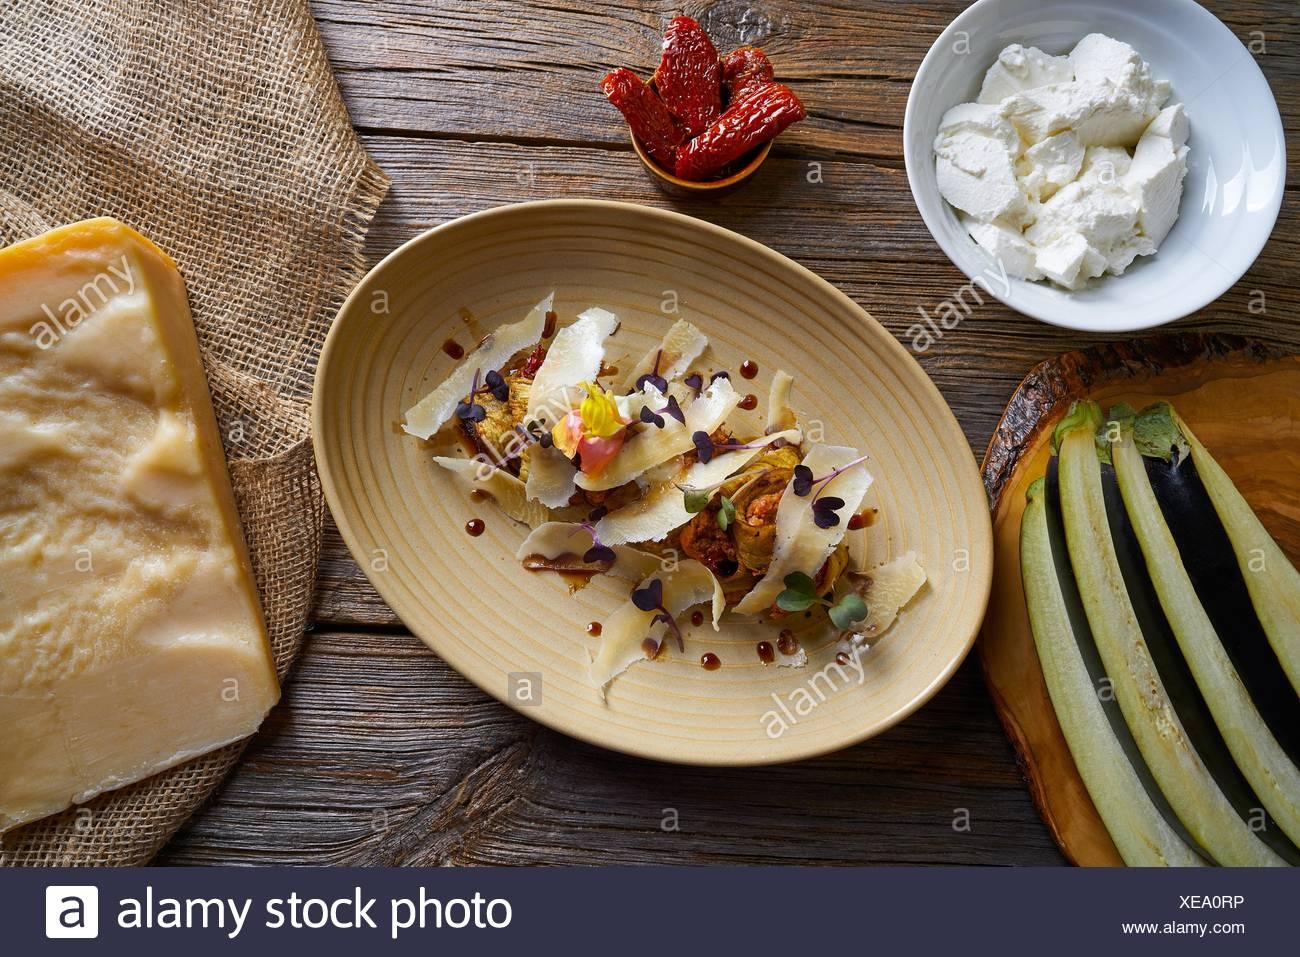 La berenjena y queso receta comida italiana en la mesa de madera. Imagen De Stock